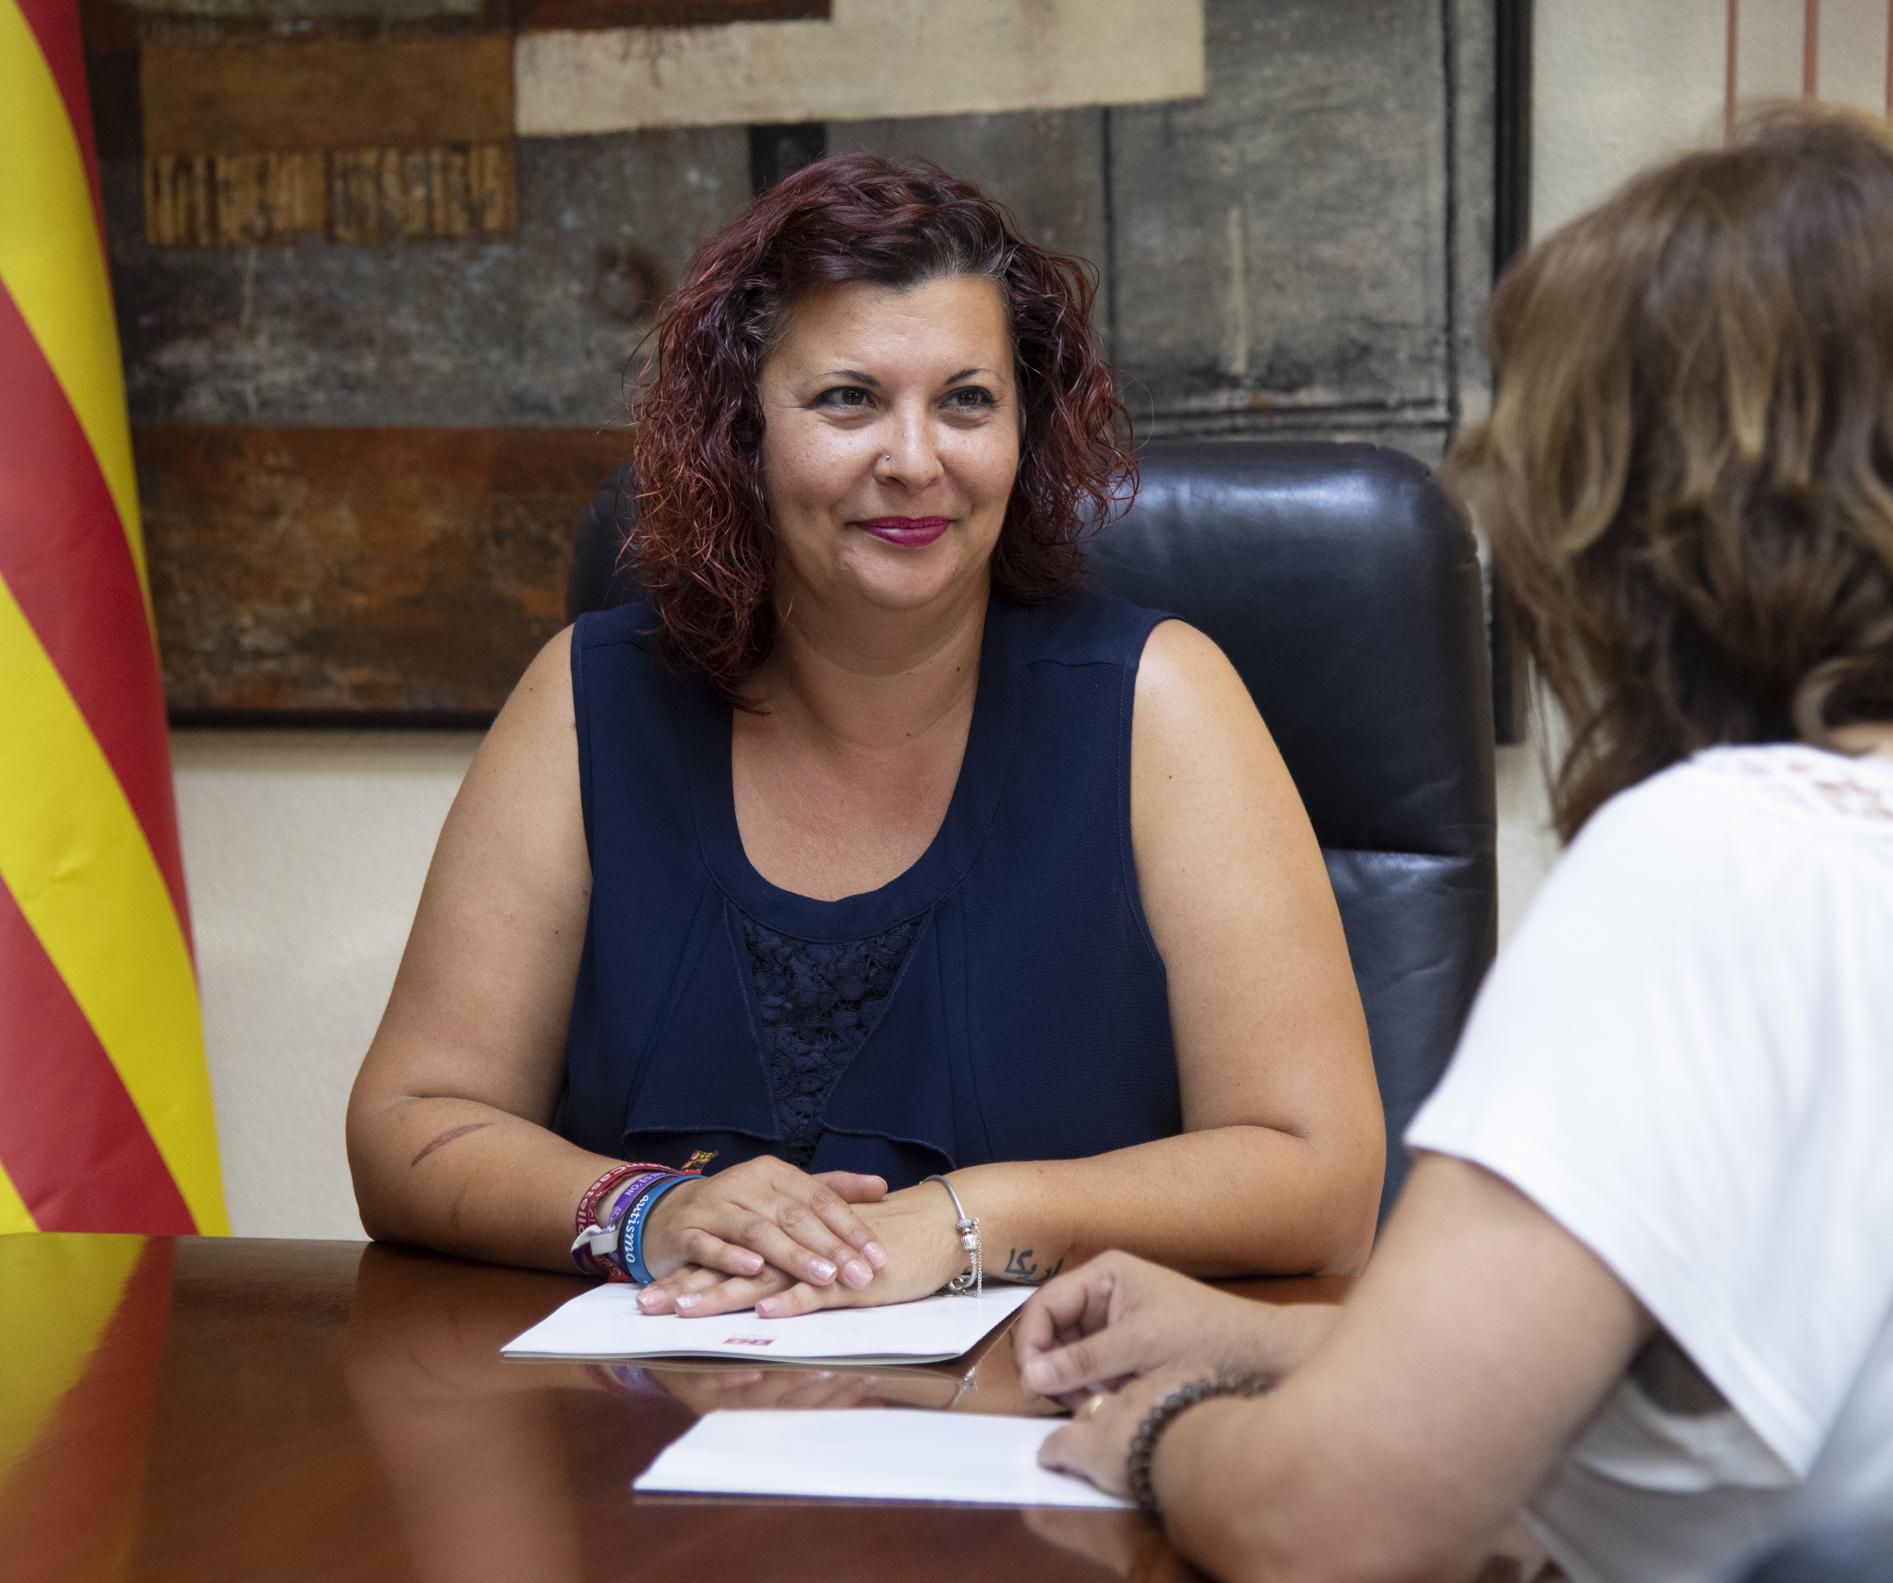 Puerta se reúne con las entidades sociales para hacer un seguimiento de los efectos de la crisis de la COVID-19 en la provincia de Castellón